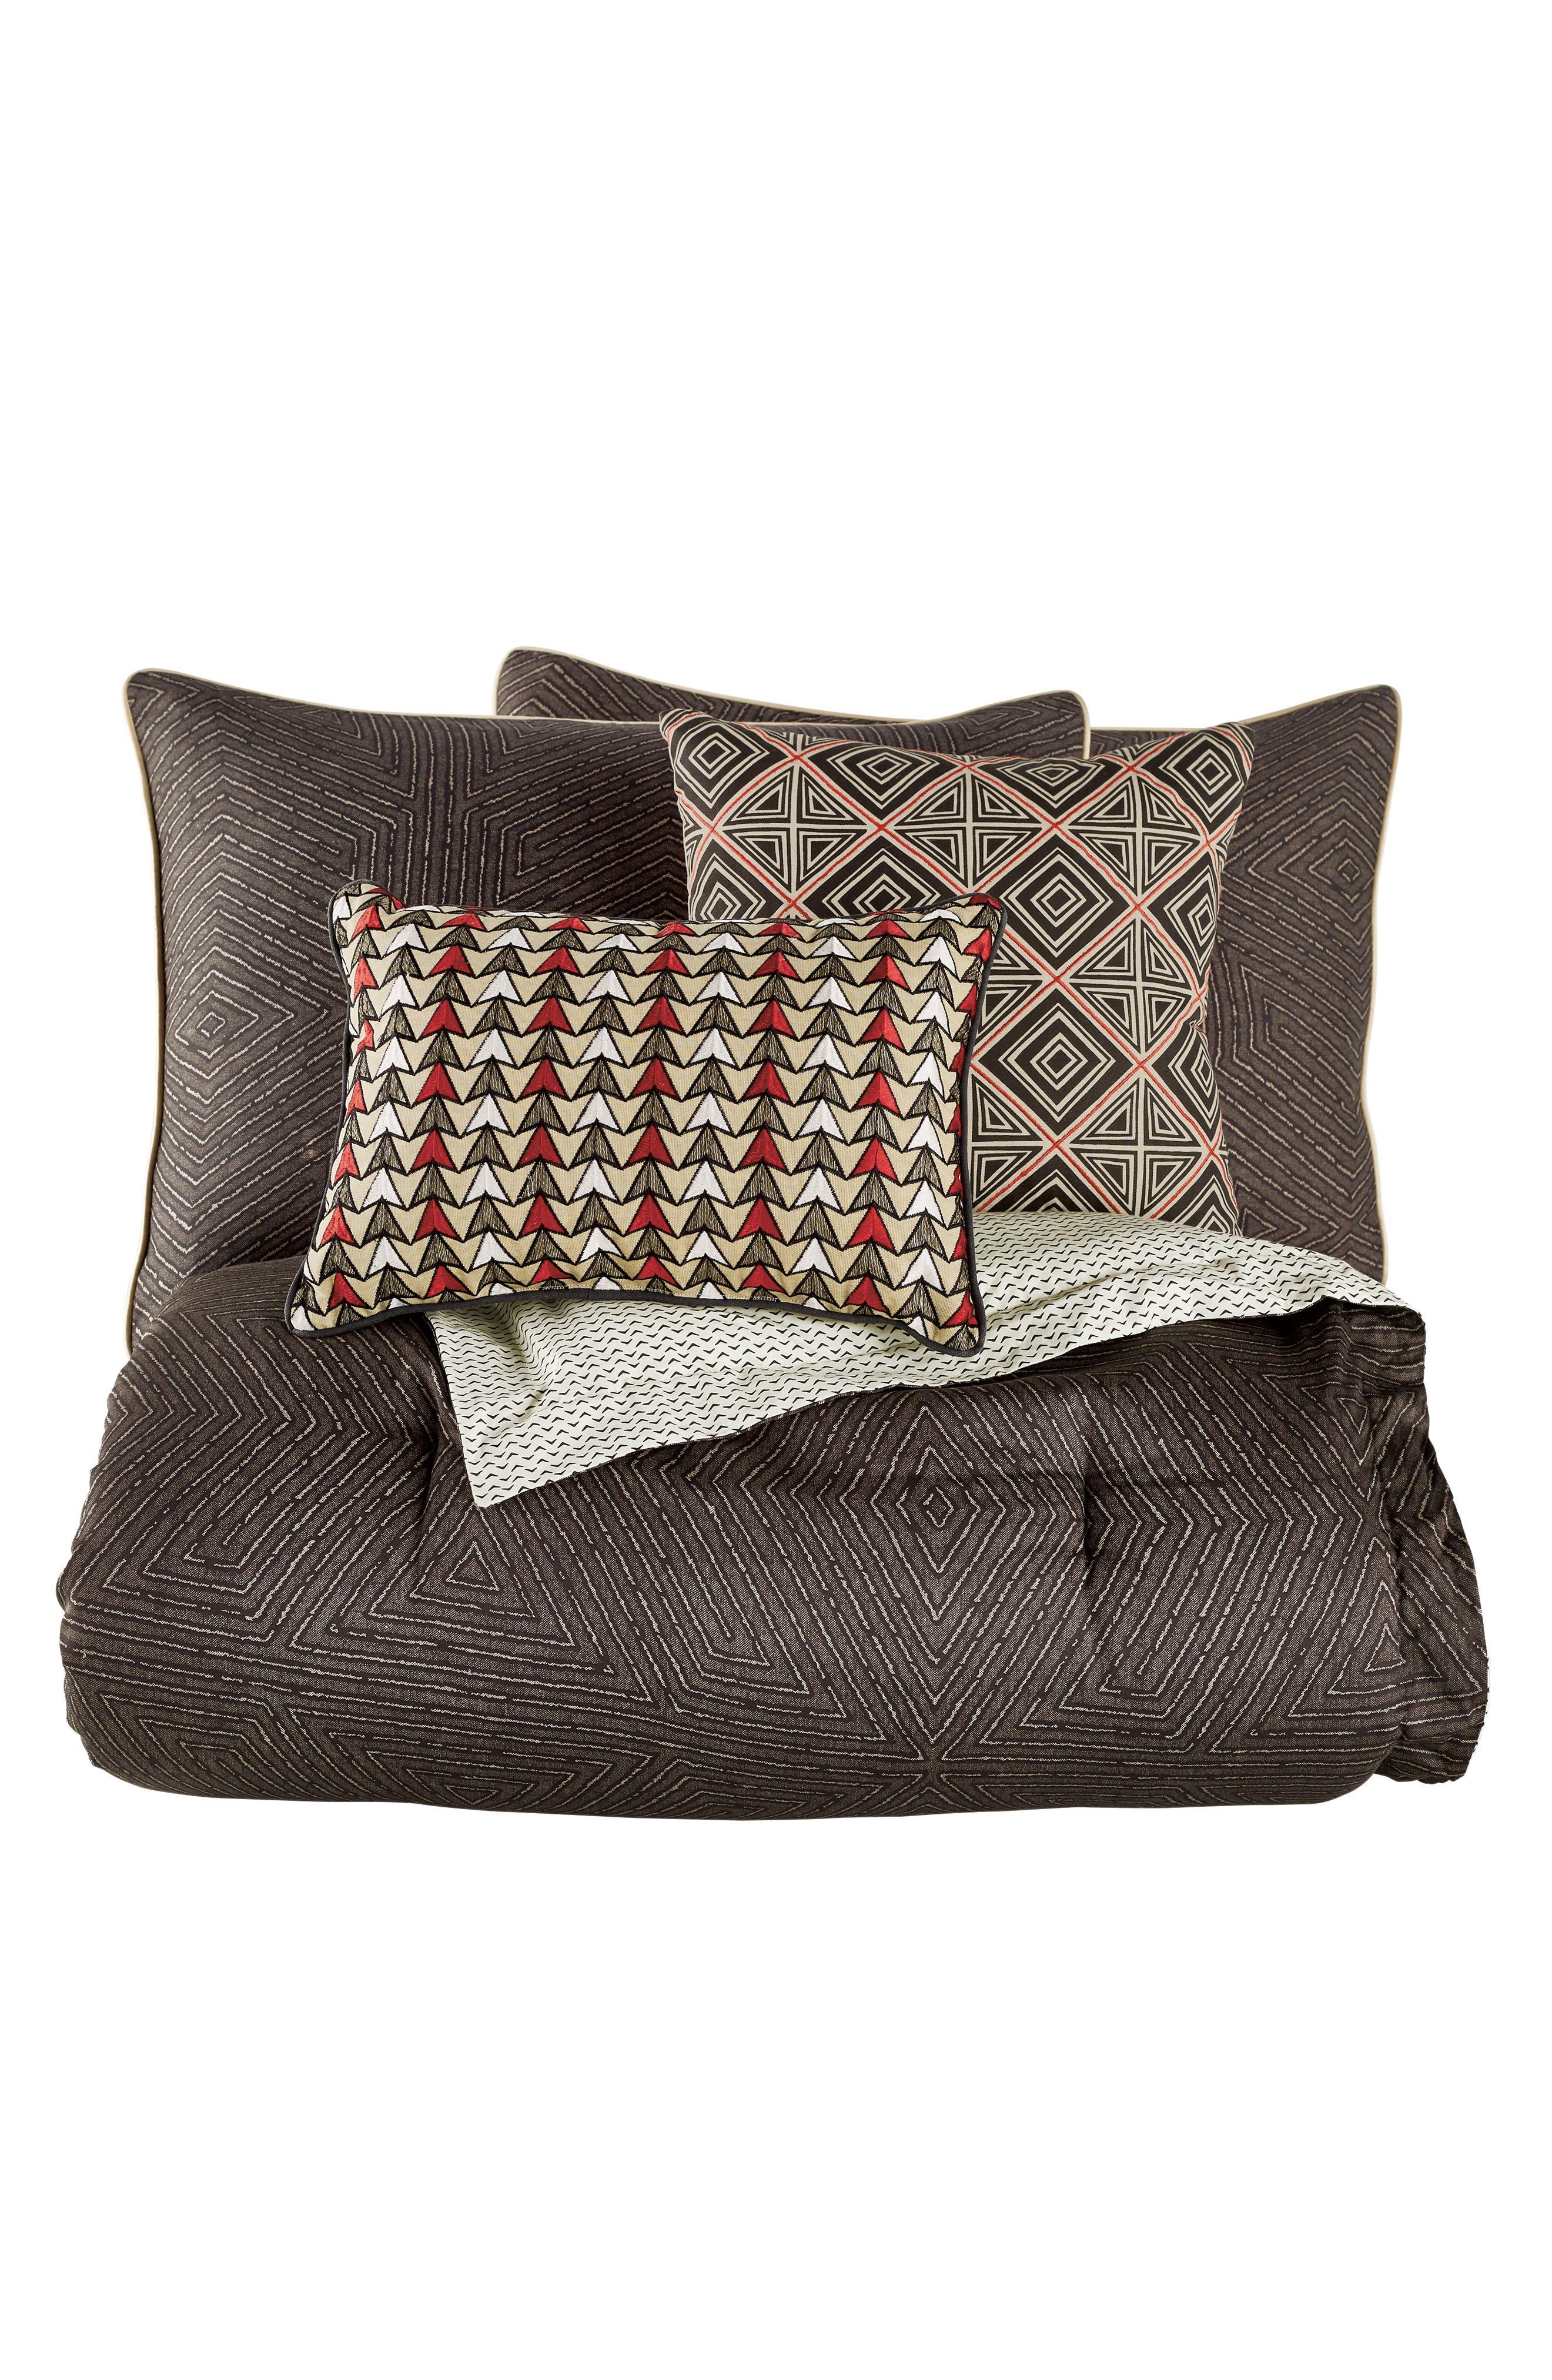 BEDECK,                             Arro Comforter, Sham & Accent Pillow Set,                             Alternate thumbnail 8, color,                             CHARCOAL